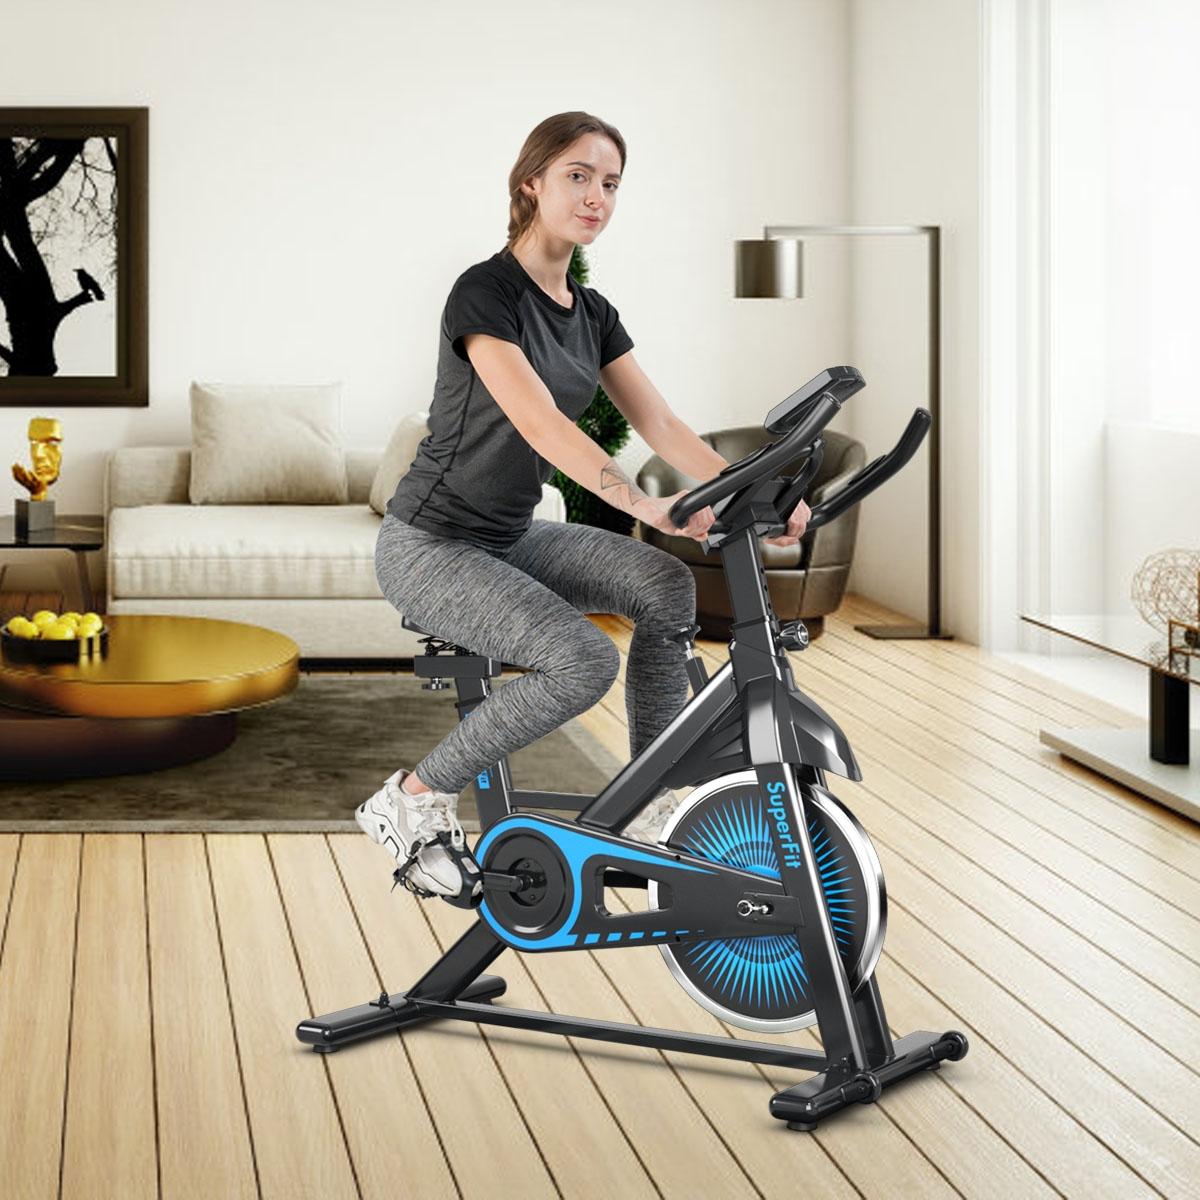 Costway Cyclette silenziosa per allenamento con resistenza regolabile e schermo LCD Bici spinning fitness in casa e palestra Nero e blu